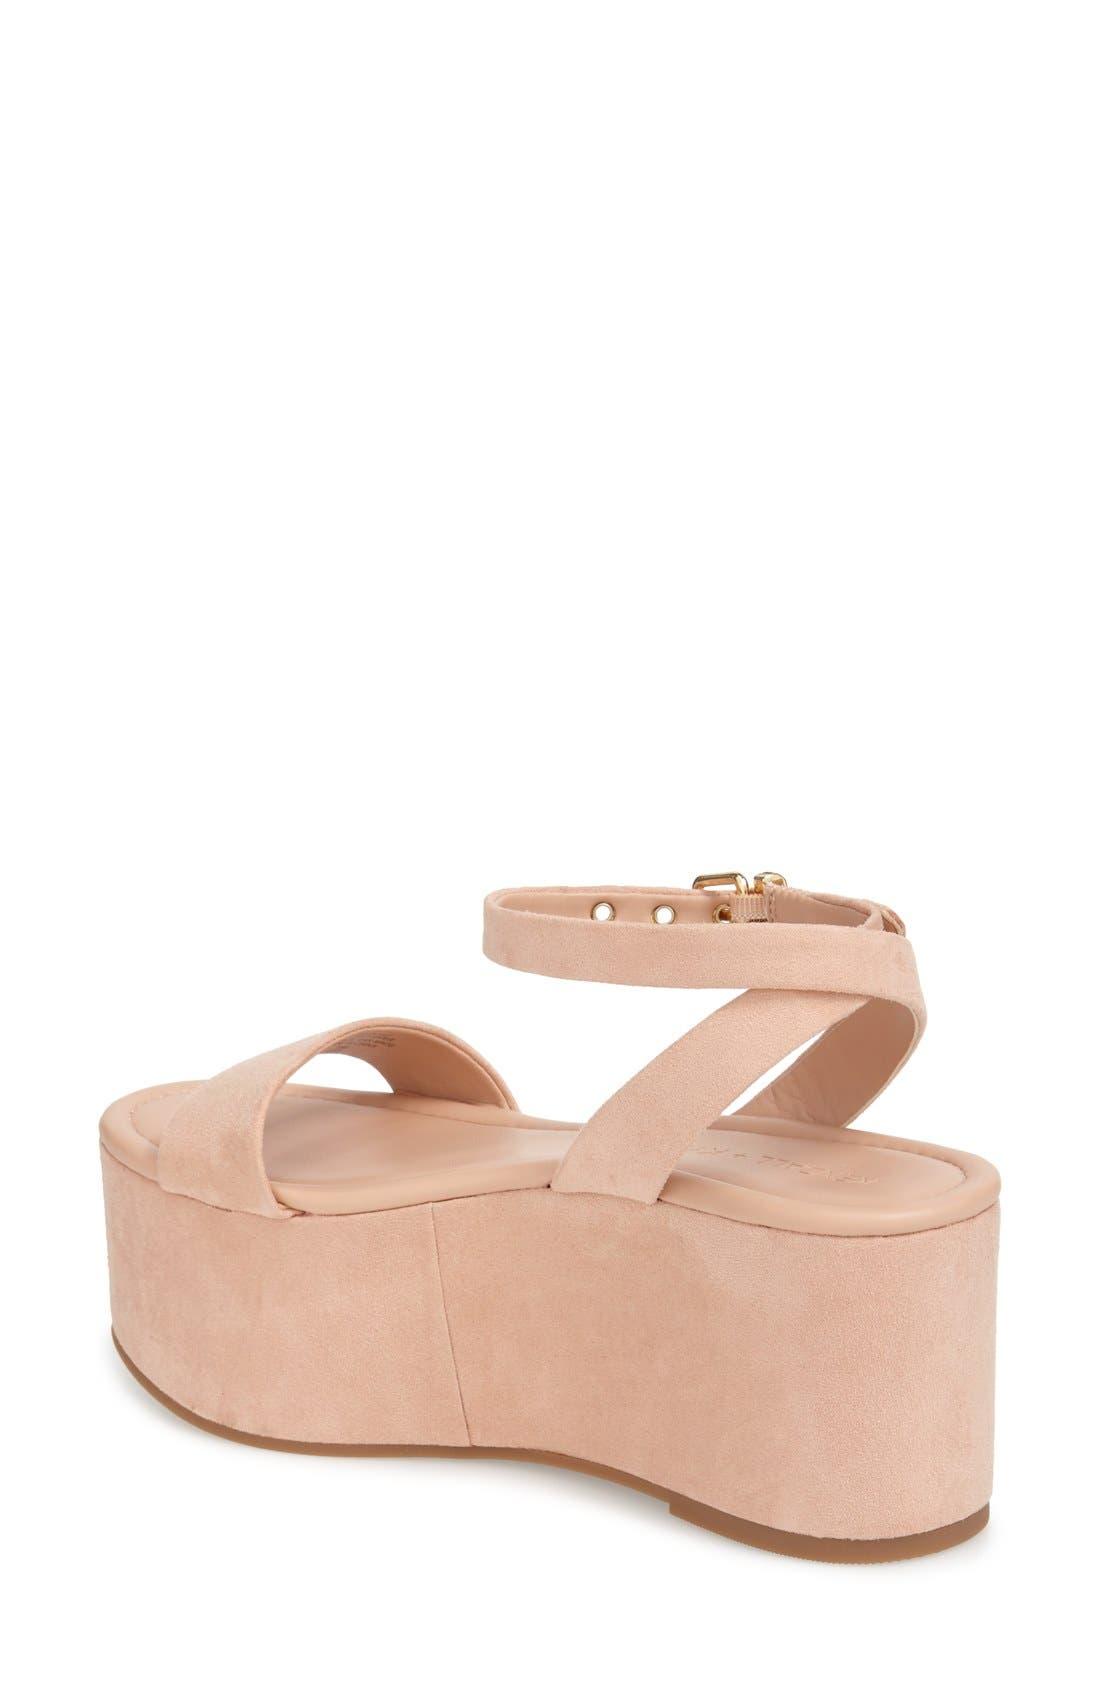 'Demi' Platform Sandal,                             Alternate thumbnail 2, color,                             Blush Suede